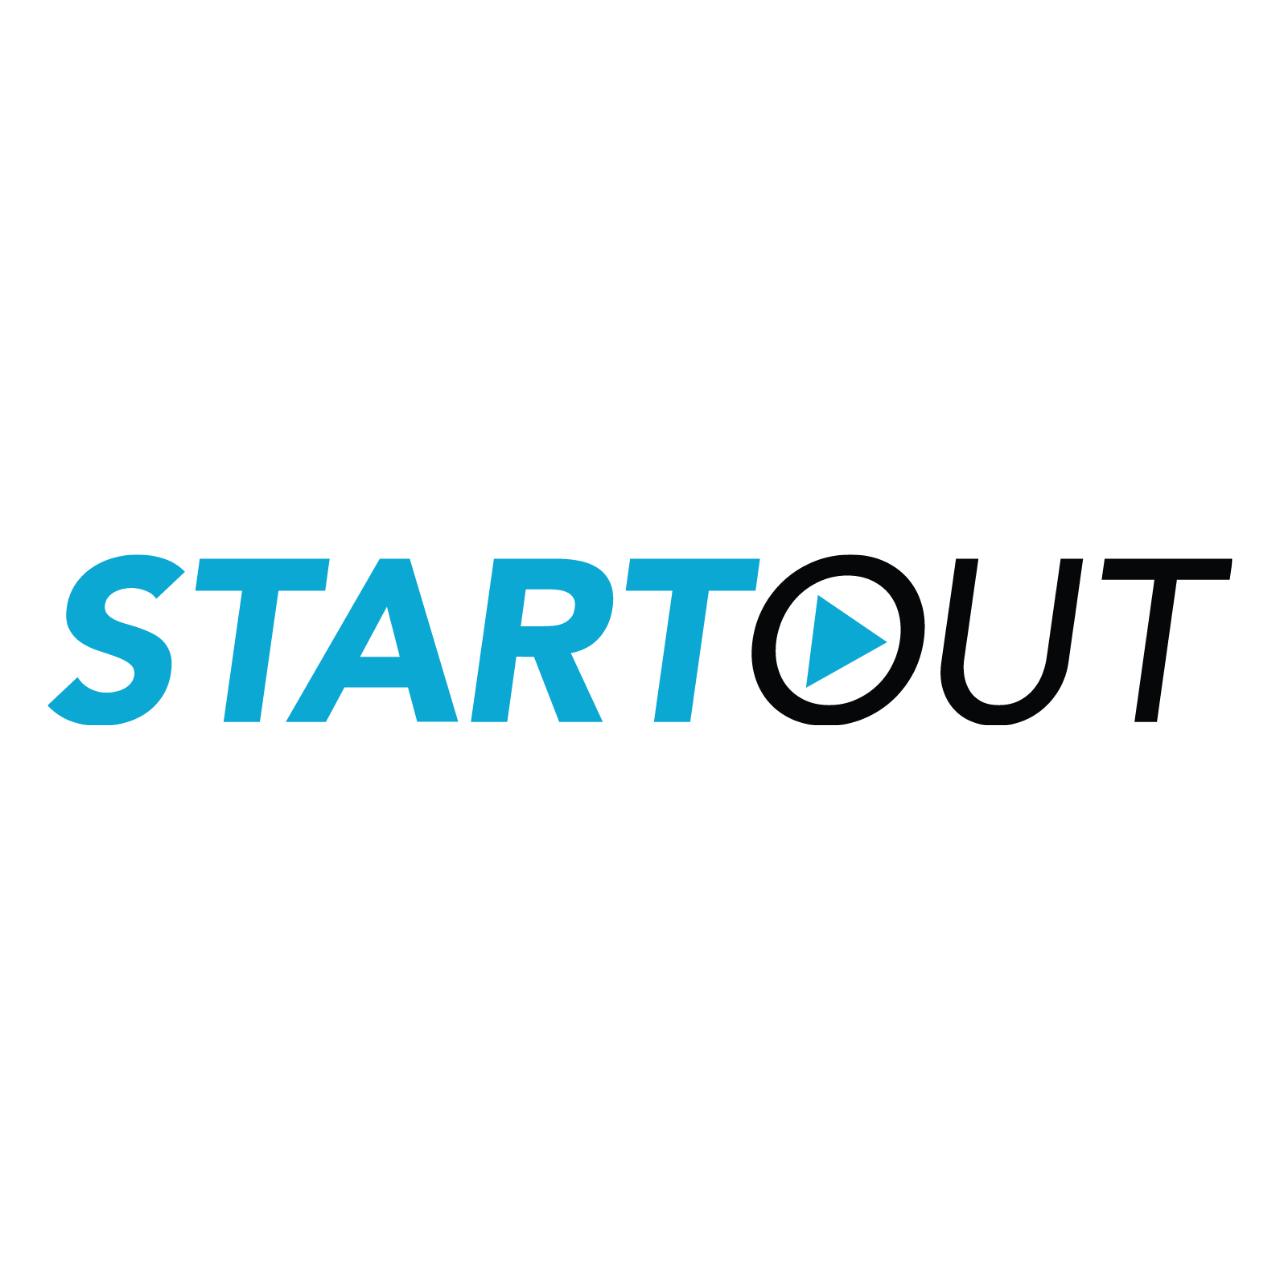 Startout.org